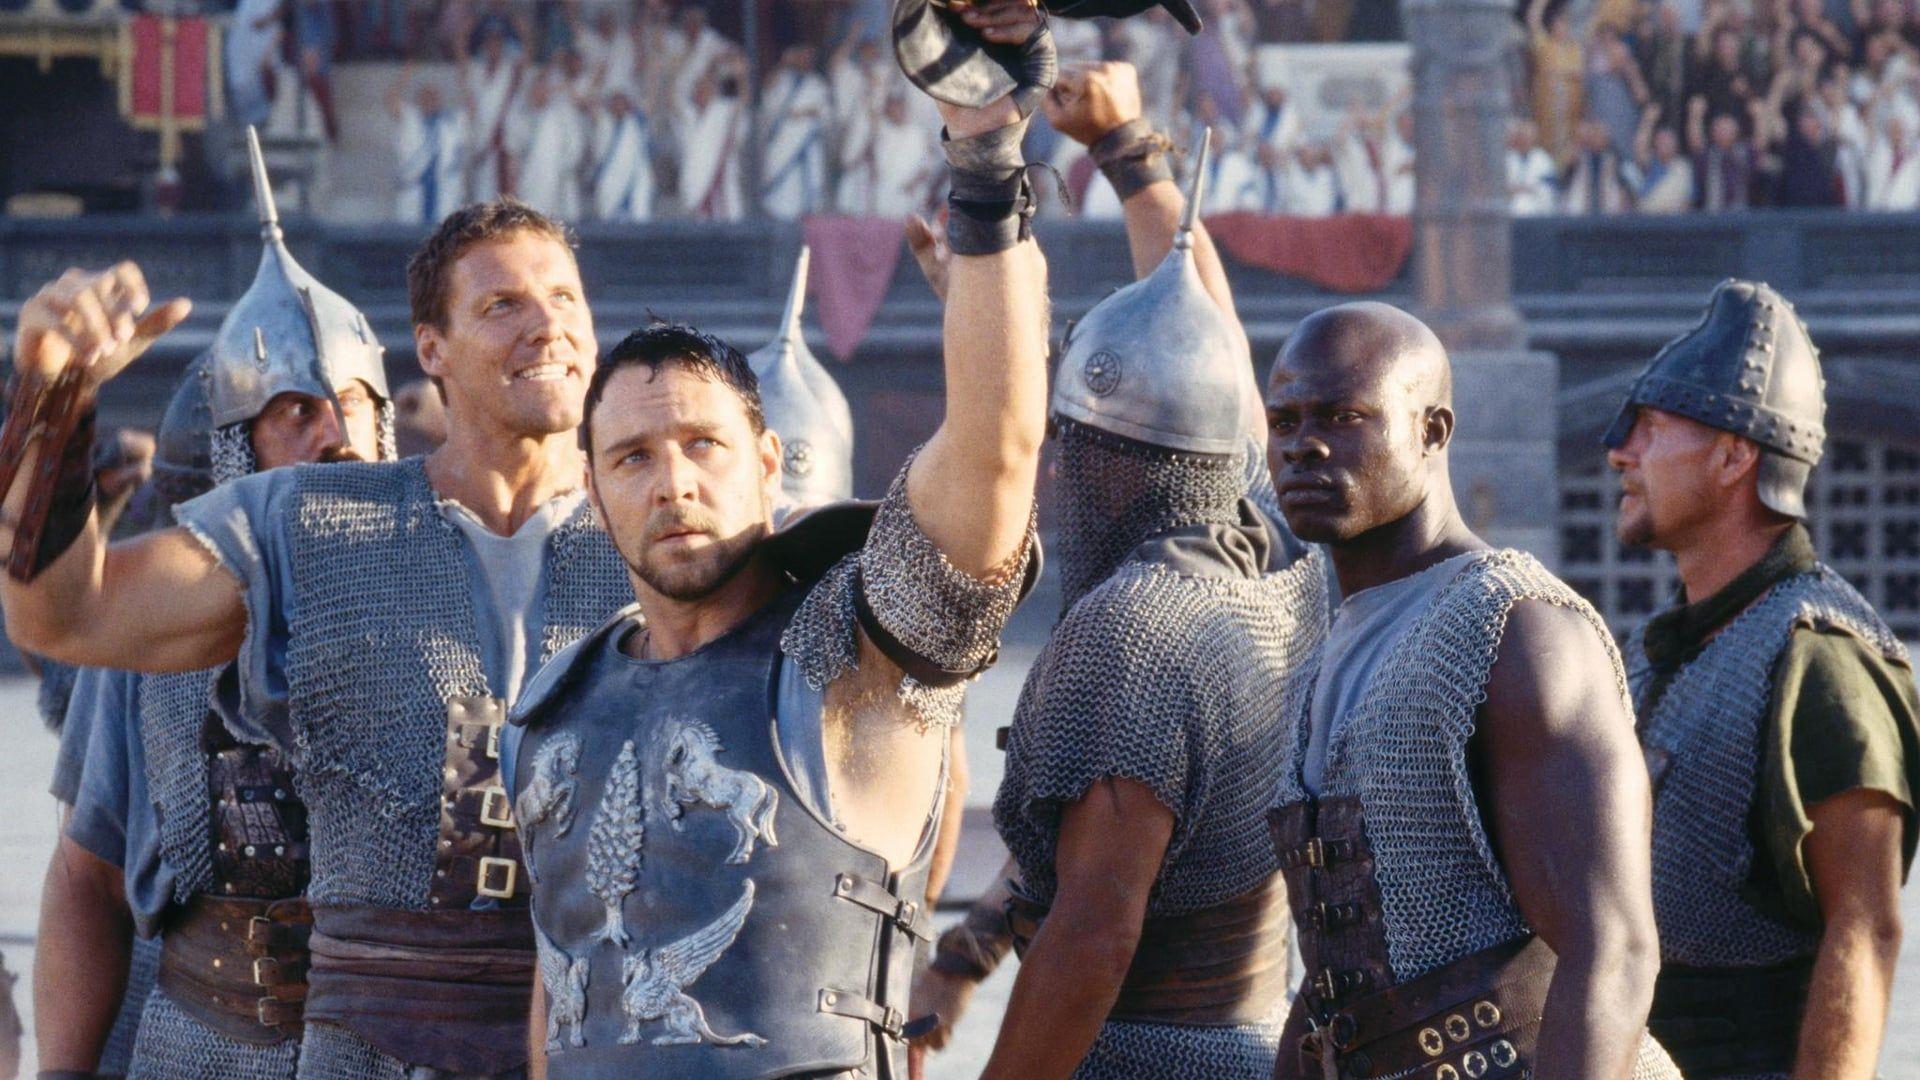 Il Gladiatore 2000 Streaming Ita Cb01 Film Completo Italiano Altadefinizione Dopo Una Vittoria Contro I Britanni L Imperatore Mar Gladiatori Film Film Completi